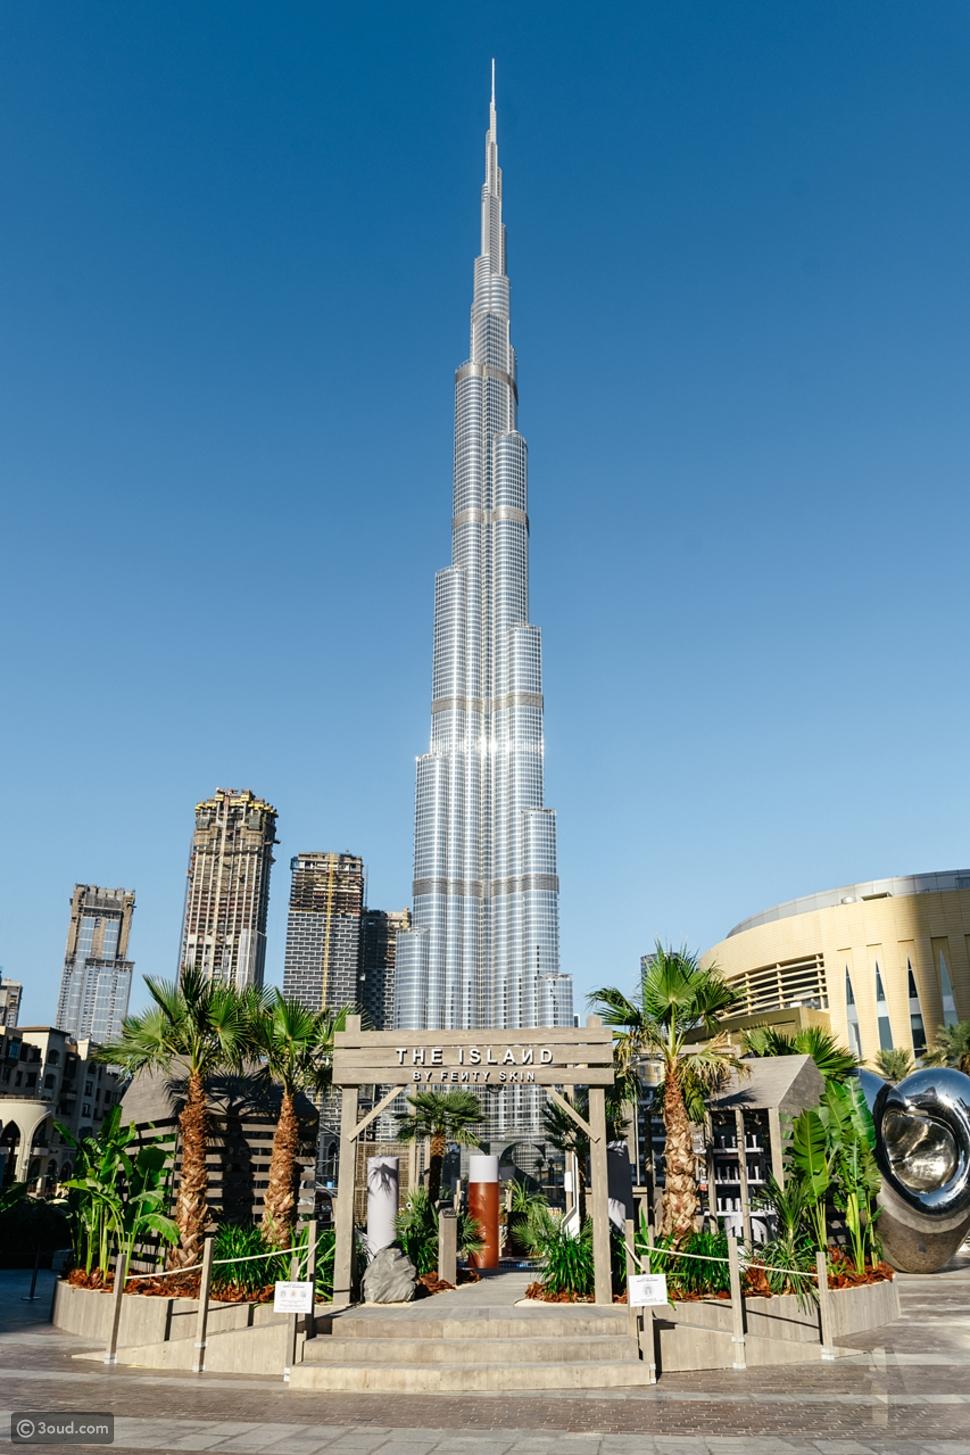 افتتاح FENTY SKIN ISLAND ضمن فعاليات مهرجان دبي للتسوق